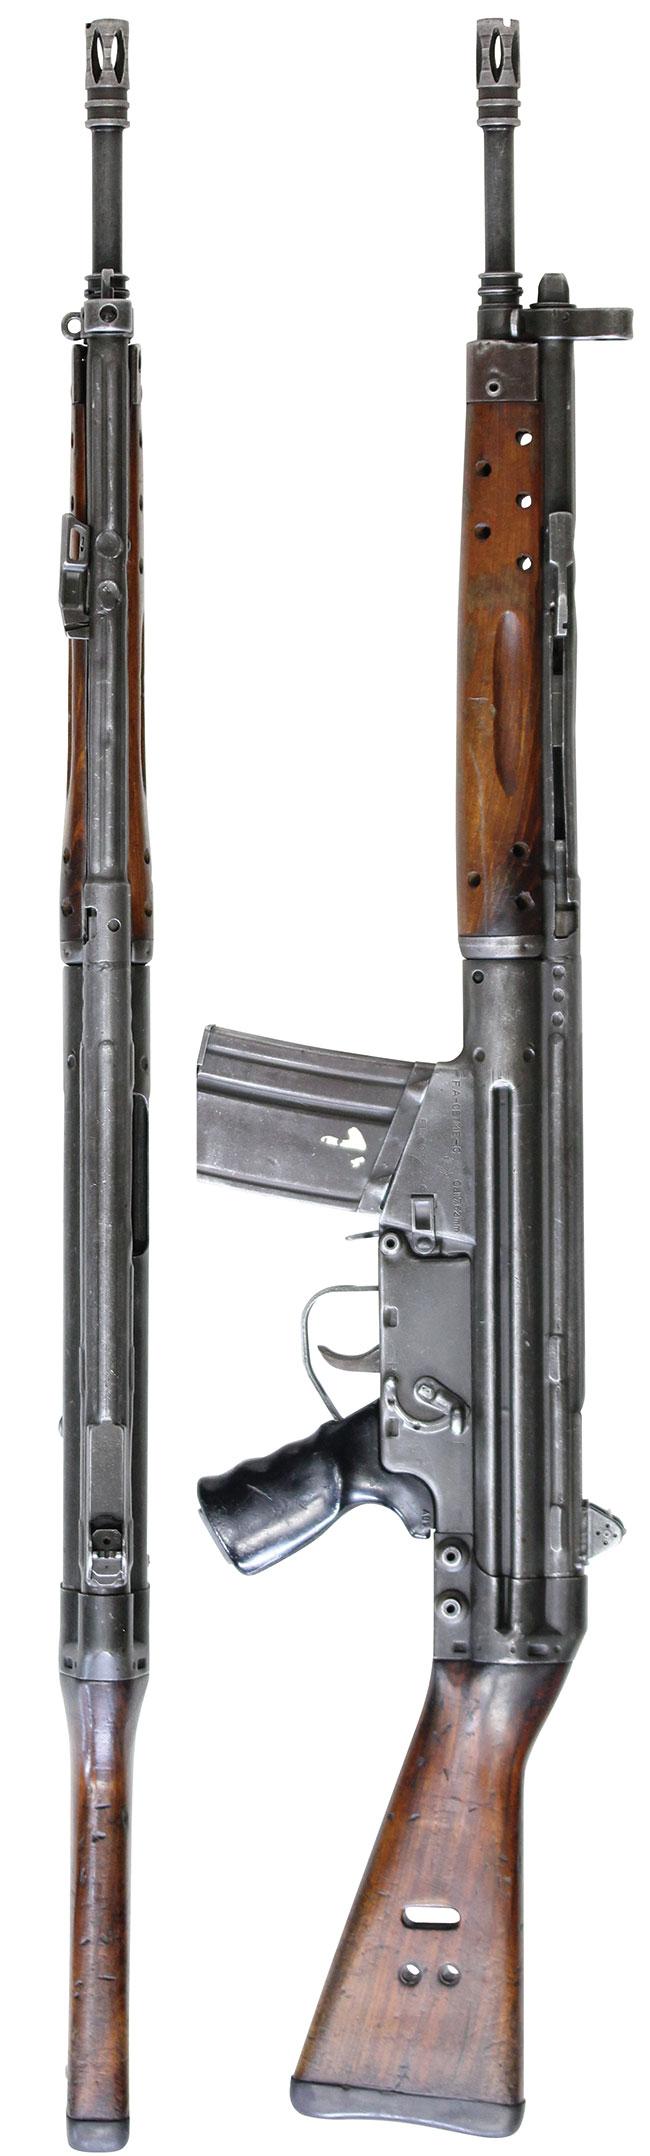 【4348】セトメ-モデロC-自動小銃-(複数在庫品、#03232)左.jpg